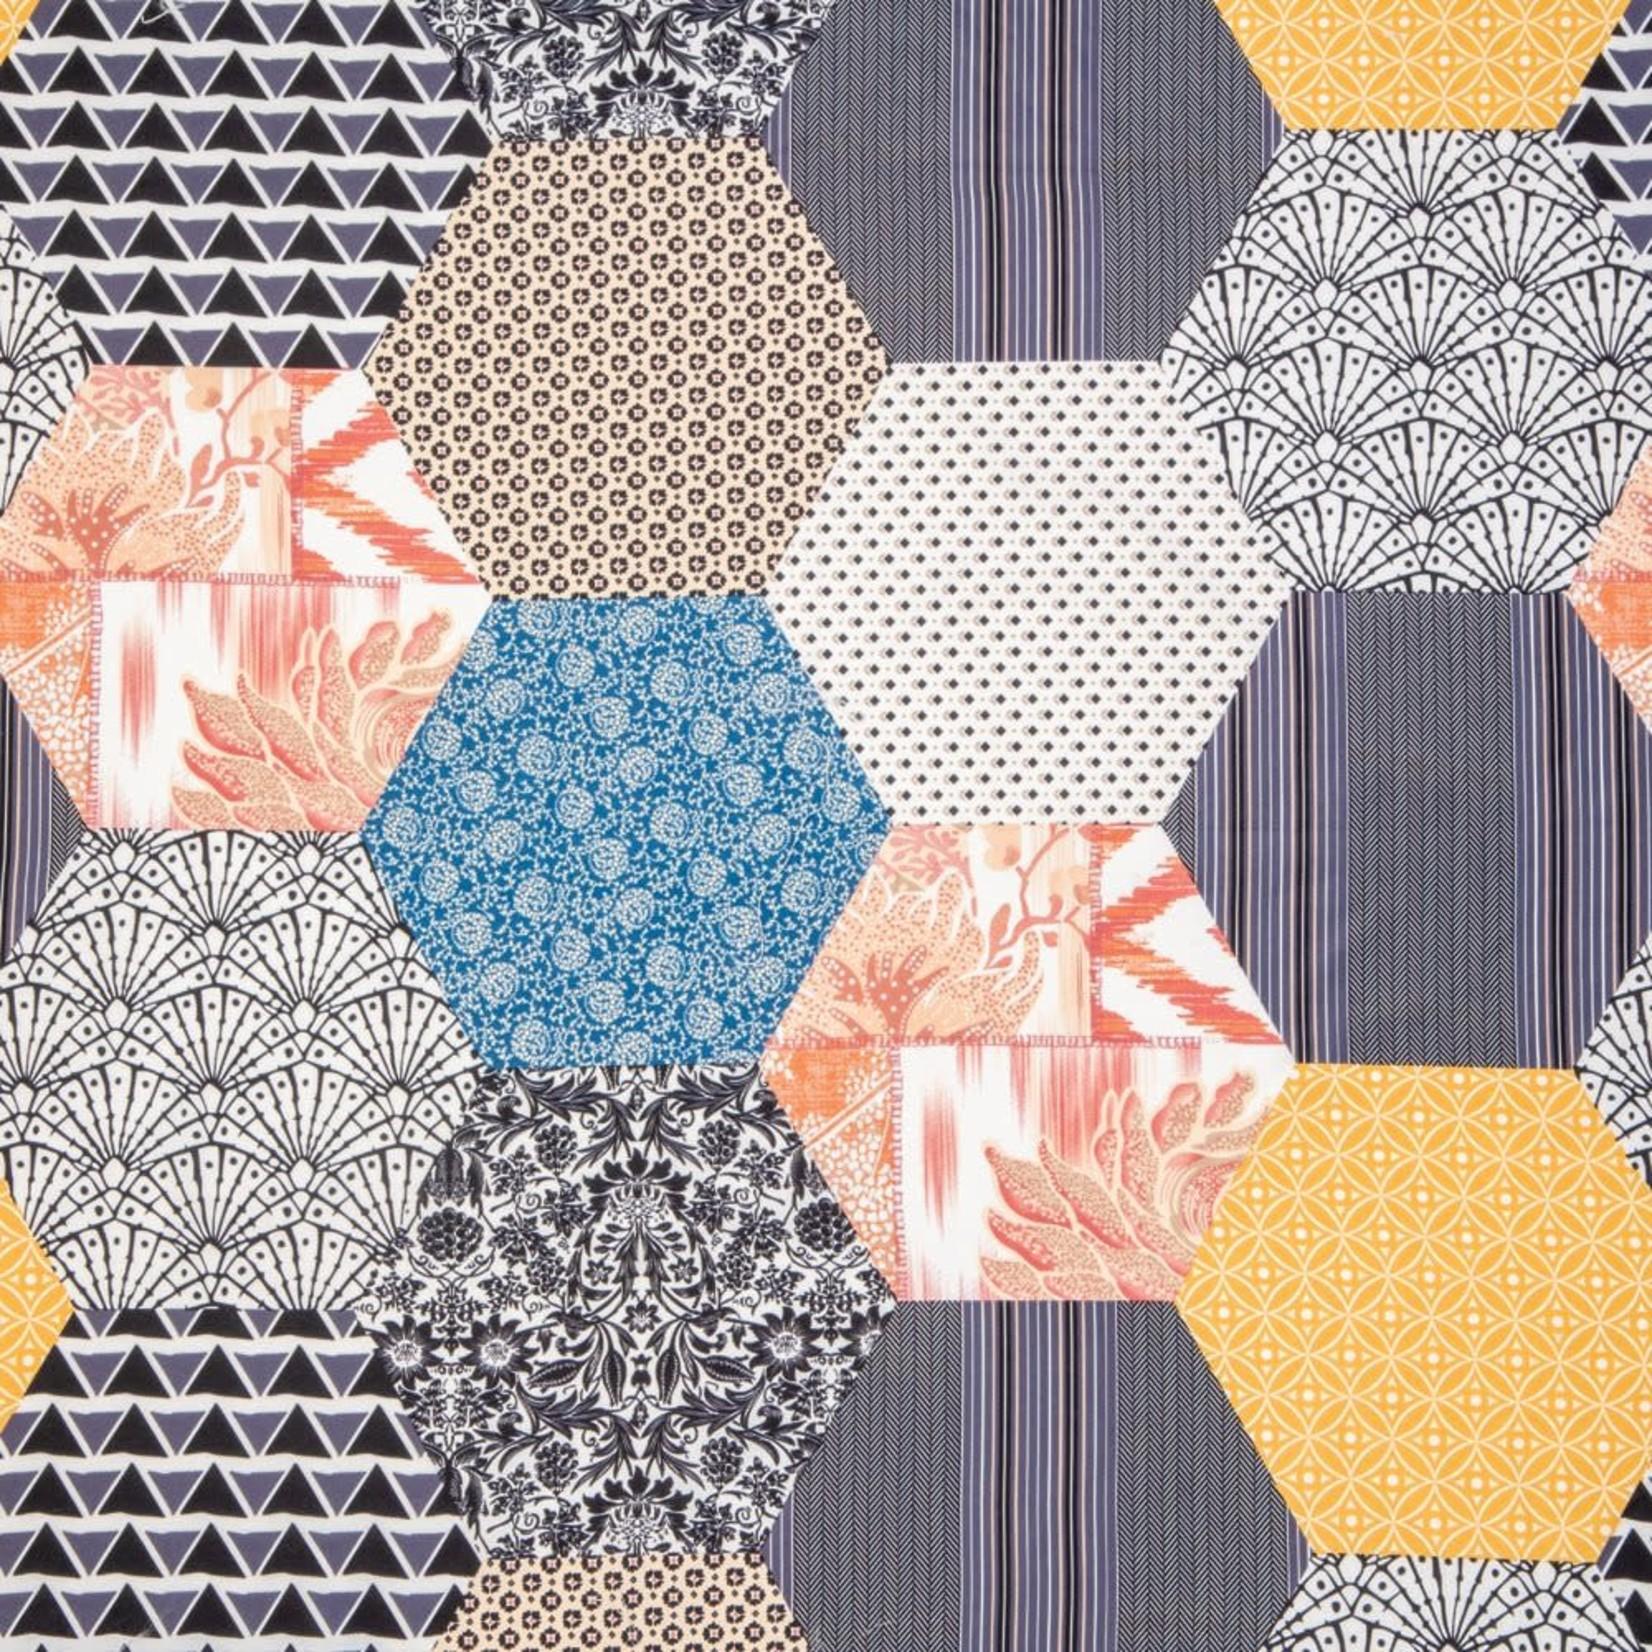 Abee Patchwork Quilt - Double/Queen